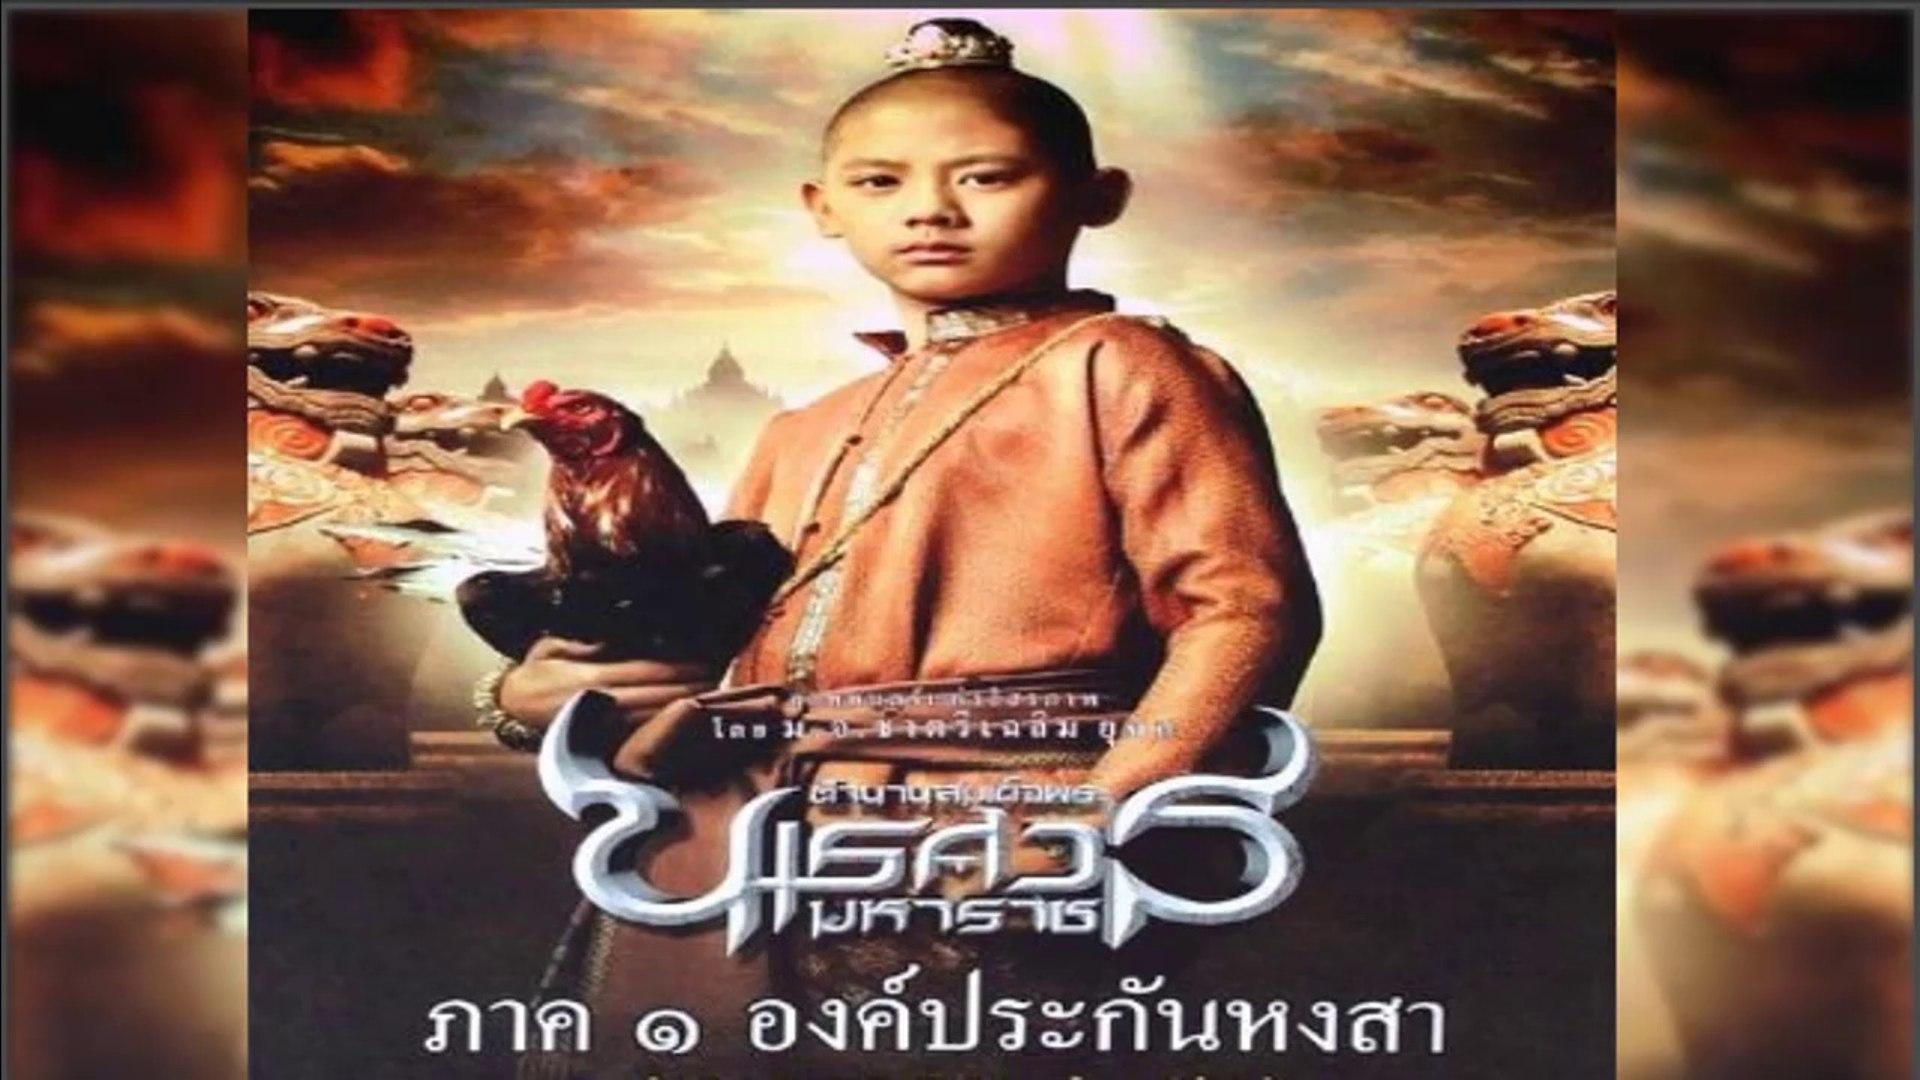 King Naresuan 1 ตำนานสมเด็จพระนเรศวรมหาราช ภาค ๑ องค์ประกันหงสา 2007